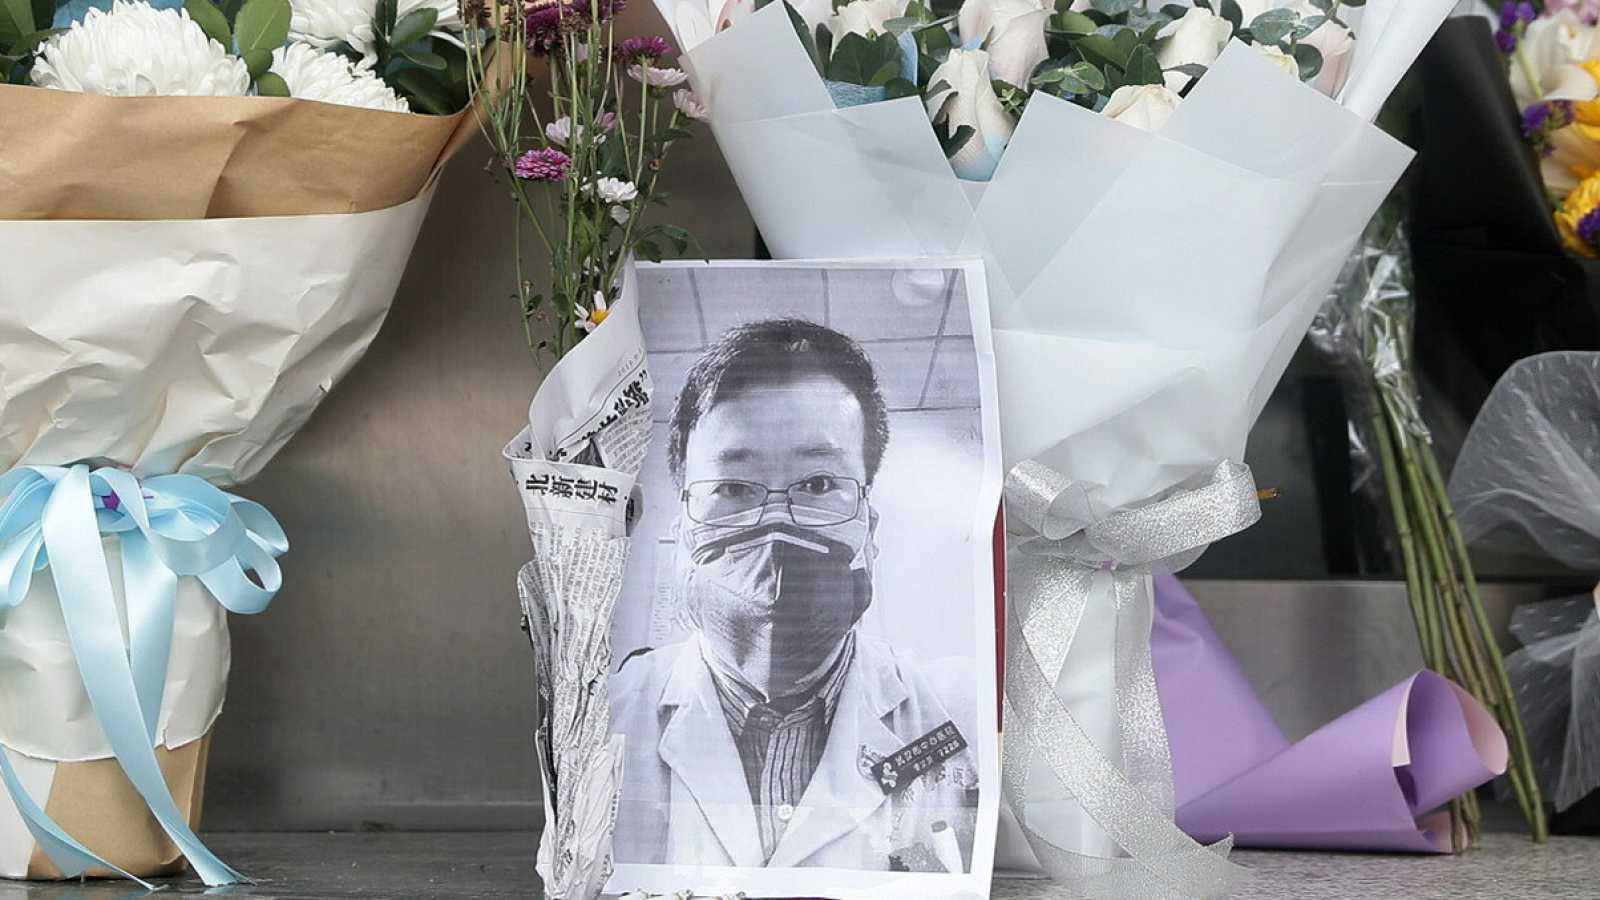 La muerte de Li Wenliang provoca una ola de indignación en China y fuerza al gobierno a abrir una investigación